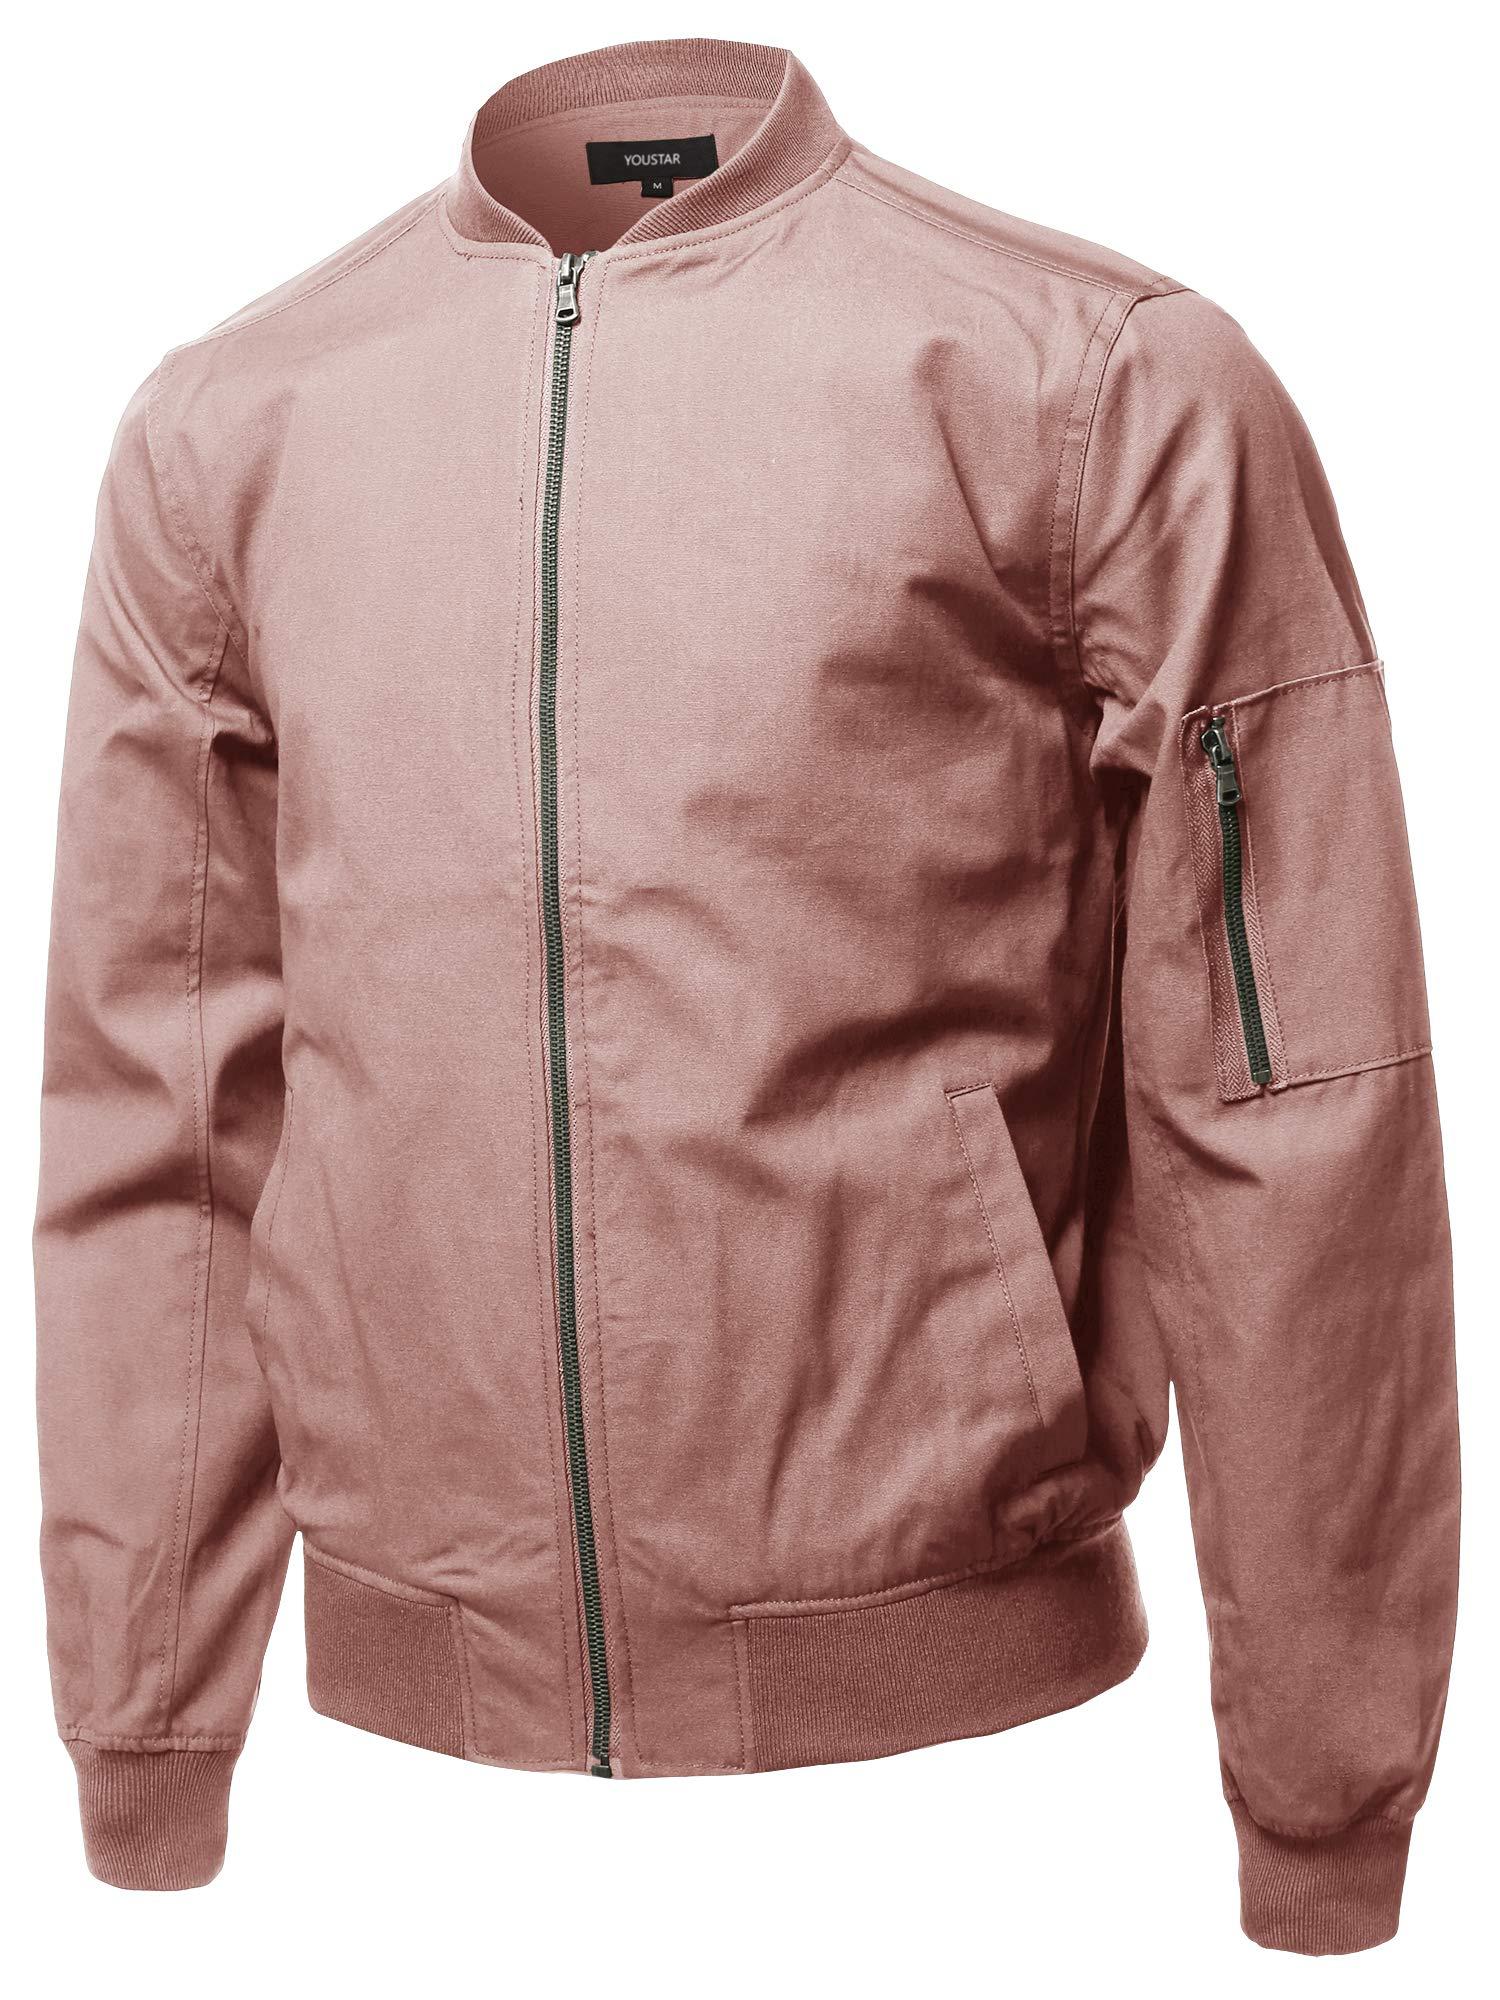 Youstar Casual Basic Style Zip Up Sleeve Pocket Bomber Jacket Dark Rose Size M by Youstar